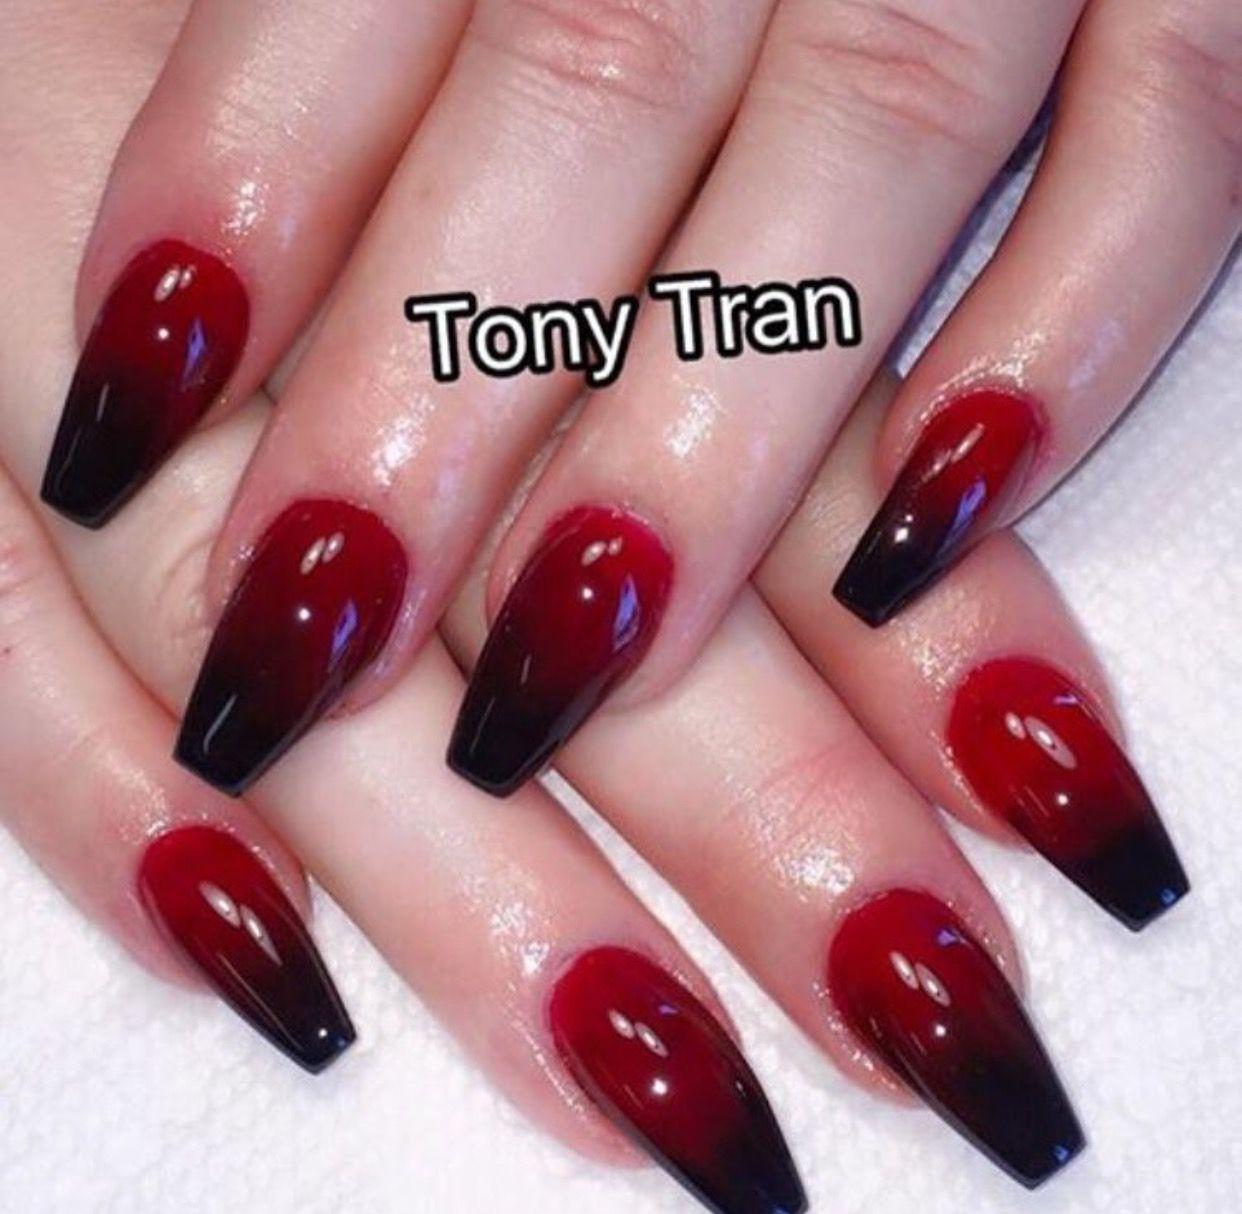 No Polish Only Acrylic Nails Inspiration Acrylic Nails Nail Designs